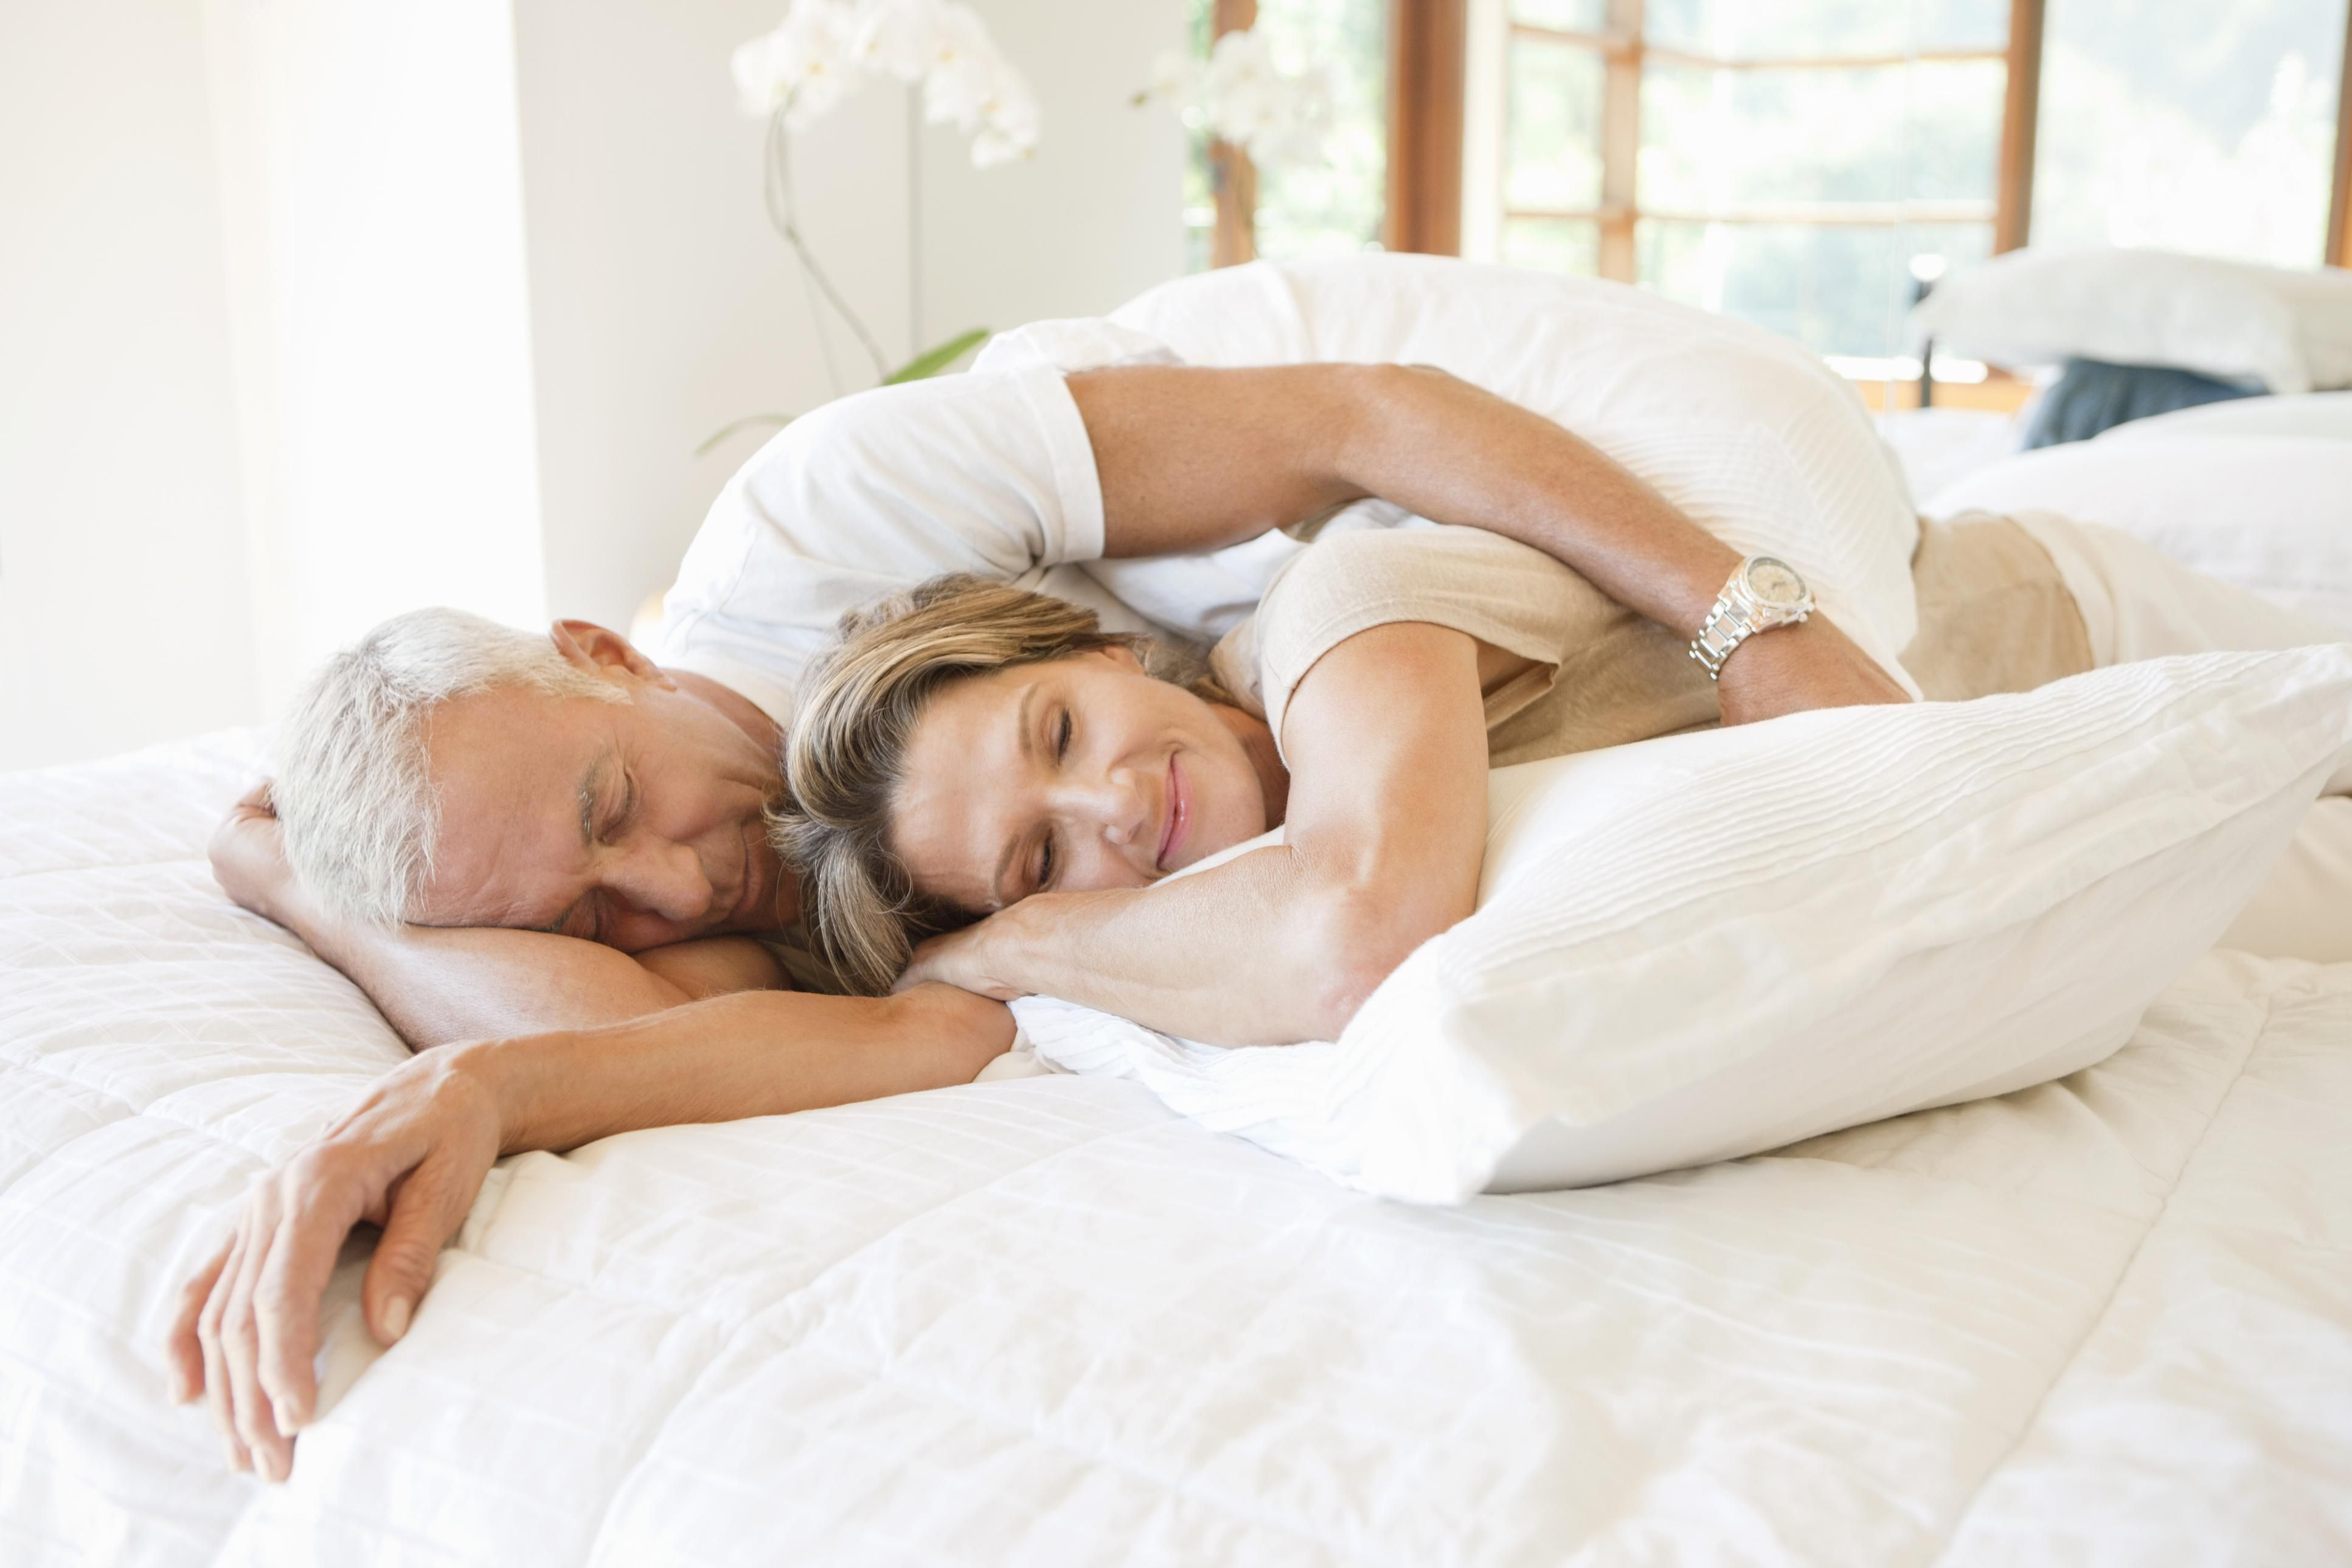 Better sex for seniors